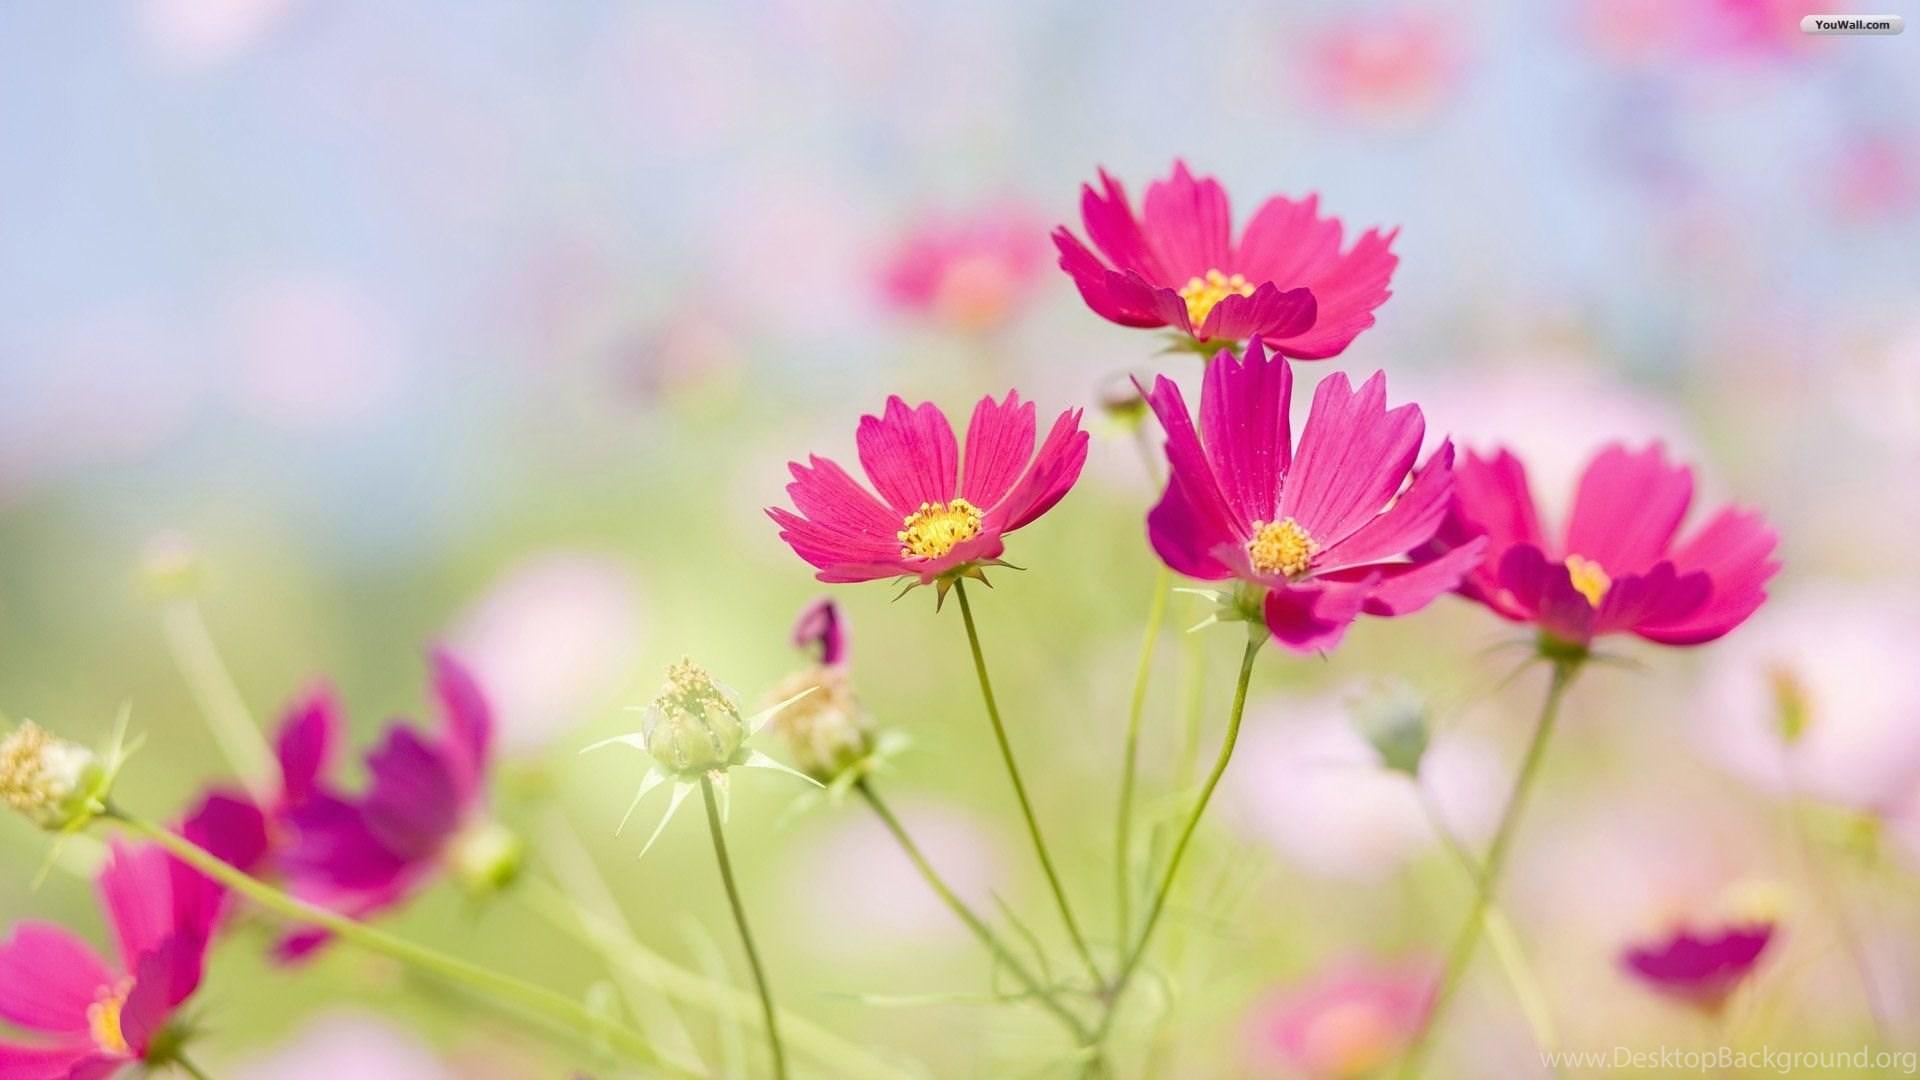 Beautiful flower photography wallpapers hd wallpapers desktop popular izmirmasajfo